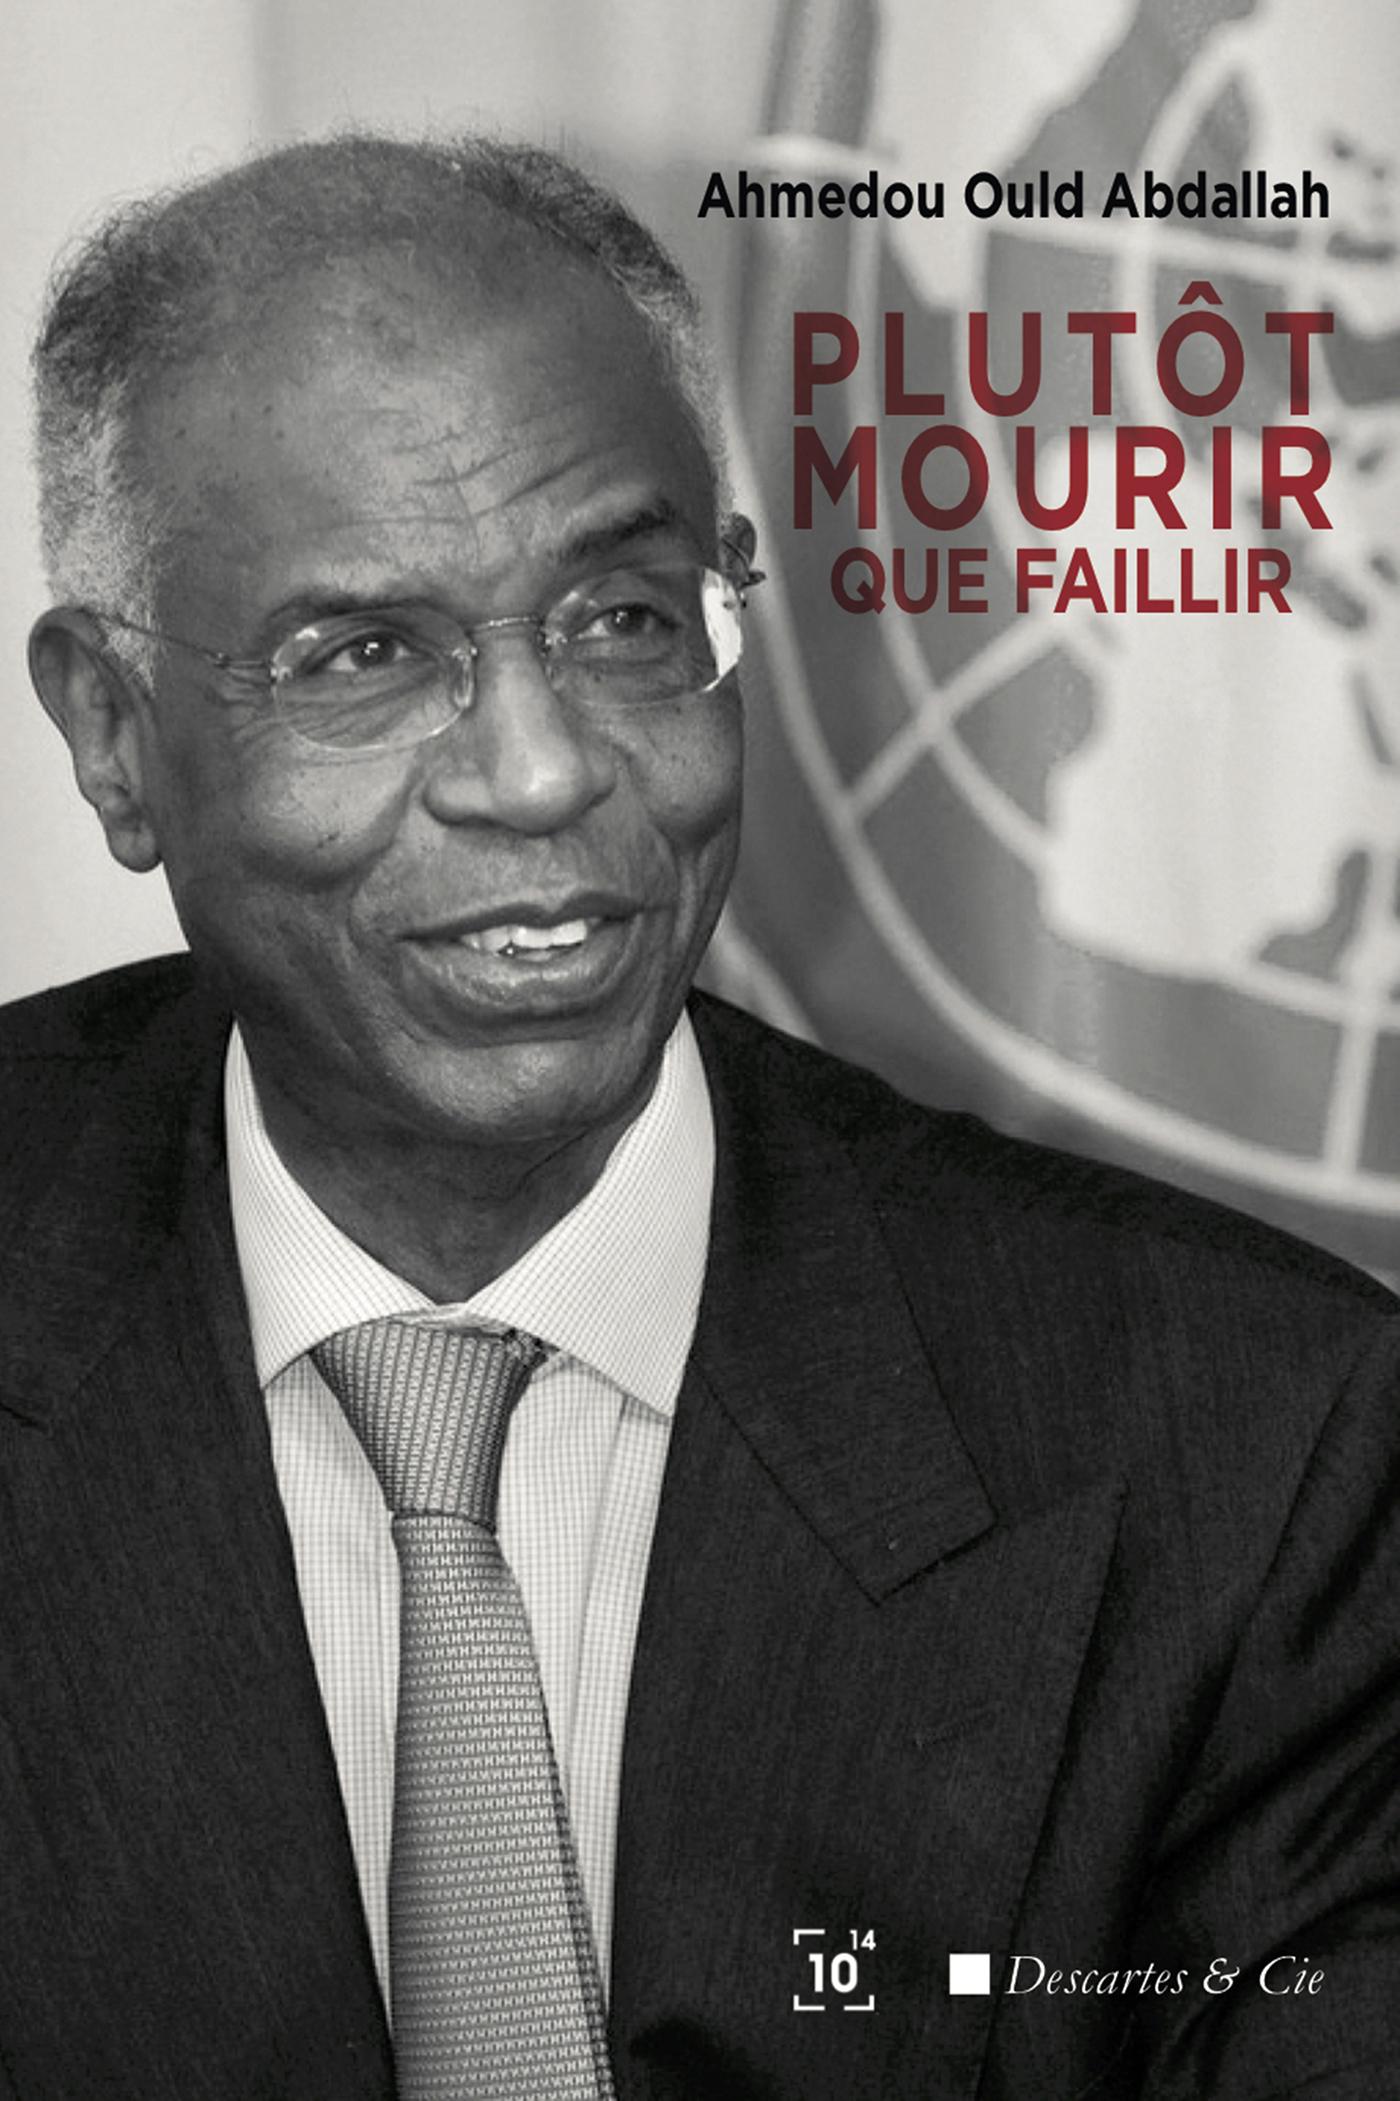 PLUTOT MOURIR QUE FAILLIR